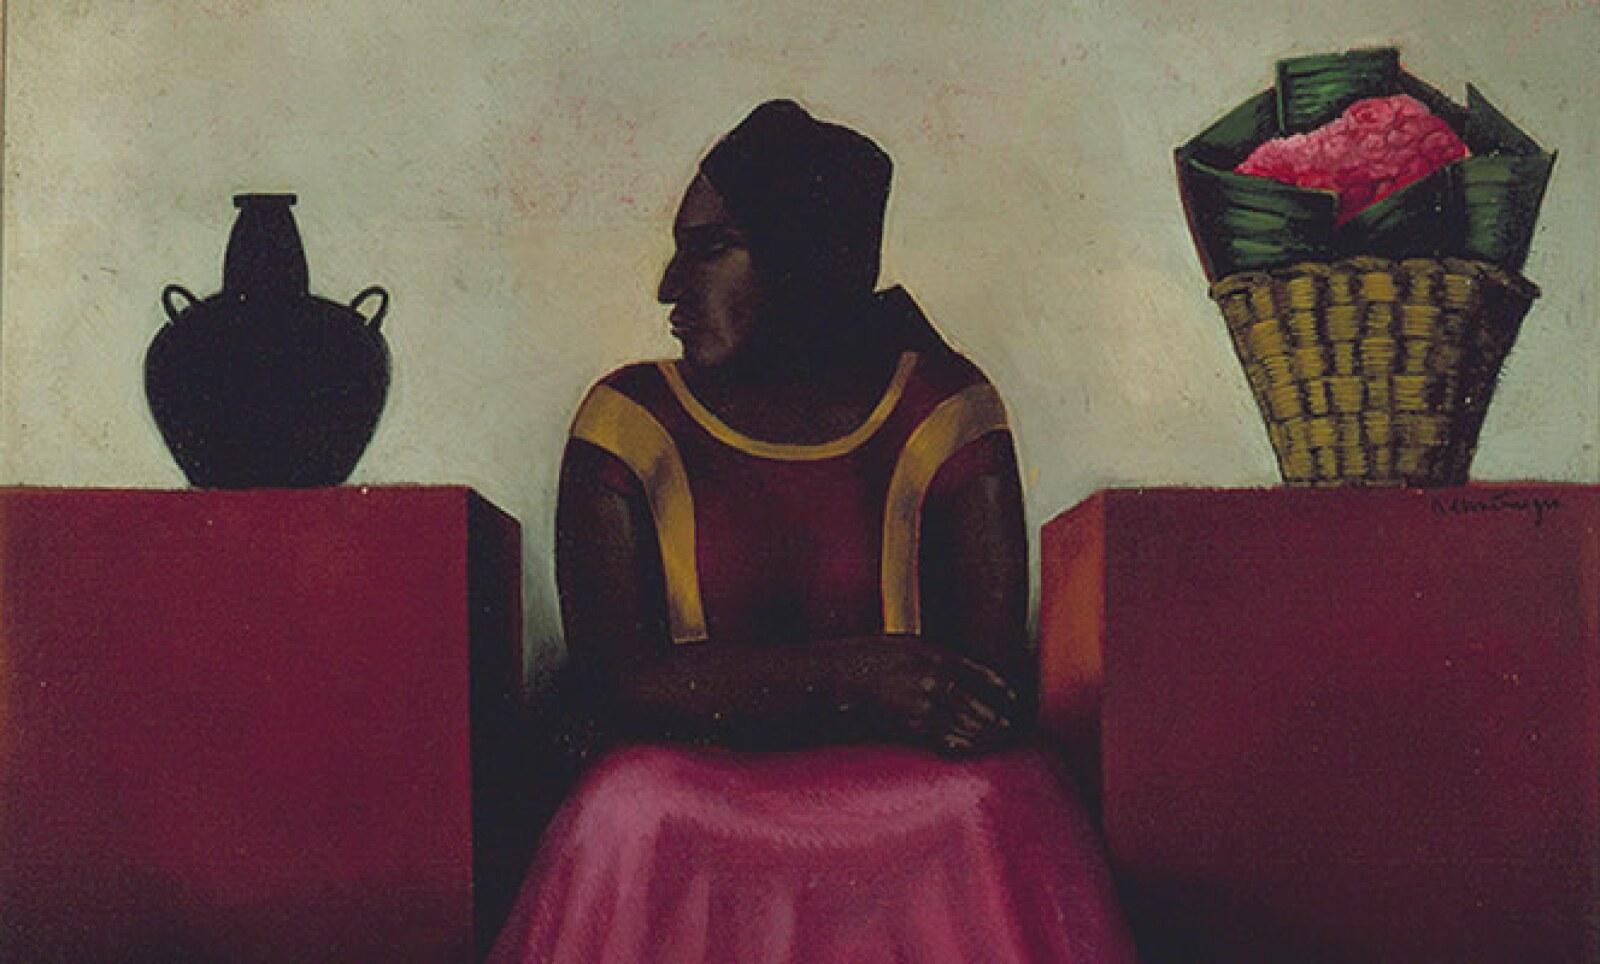 Roberto Montenegro, también perteneció a la Escuela Mexicana de Pintura, de corte ideológico. Sin embargo, la generación de los pintores en los años cincuenta rechazaba toda idea de arte social comprometido y crearon sus propias reglas.